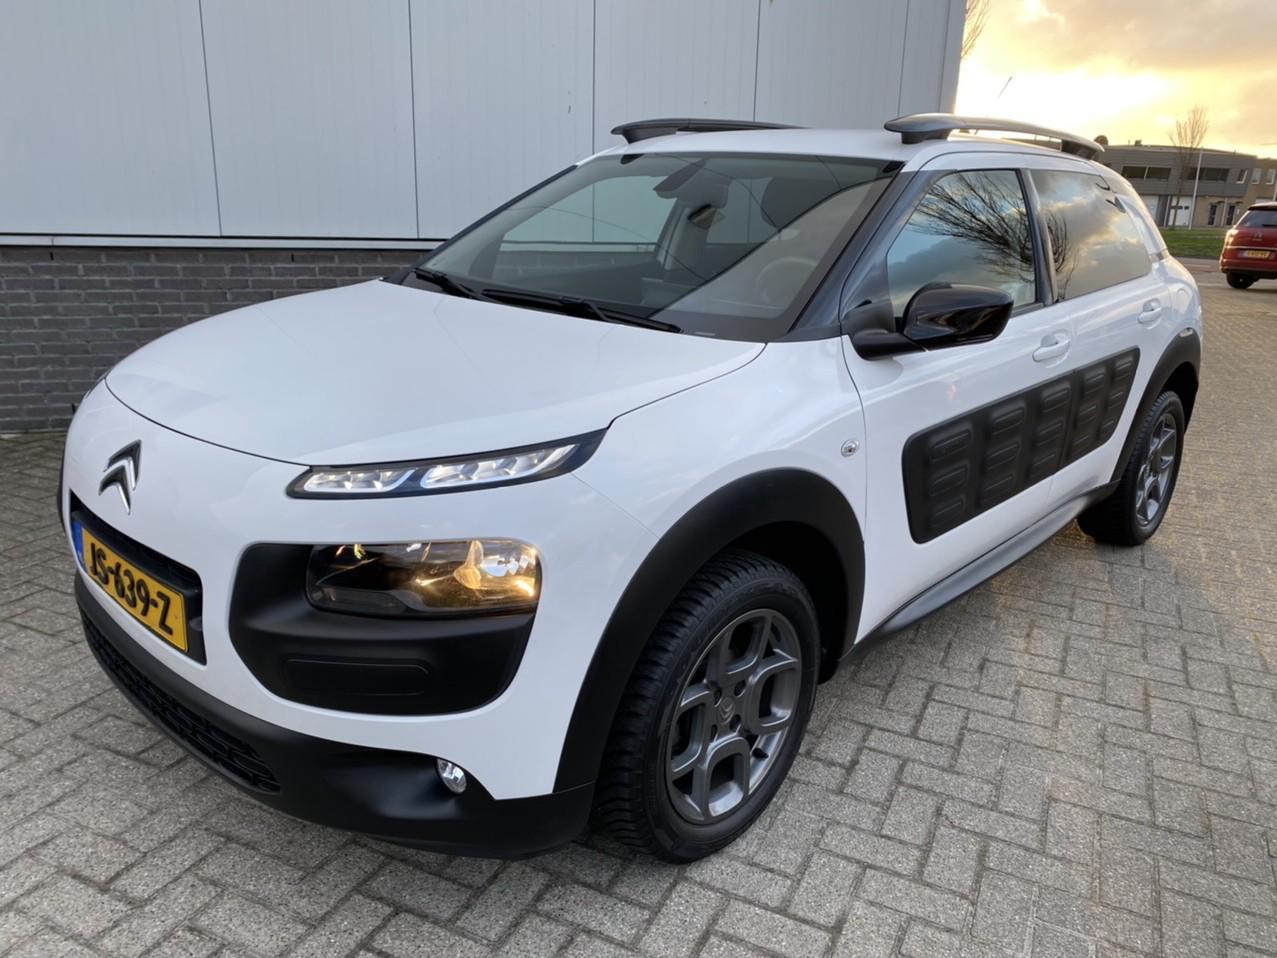 Citroën C4 cactus Vti 82pk shine navigatie rijklaar prijs